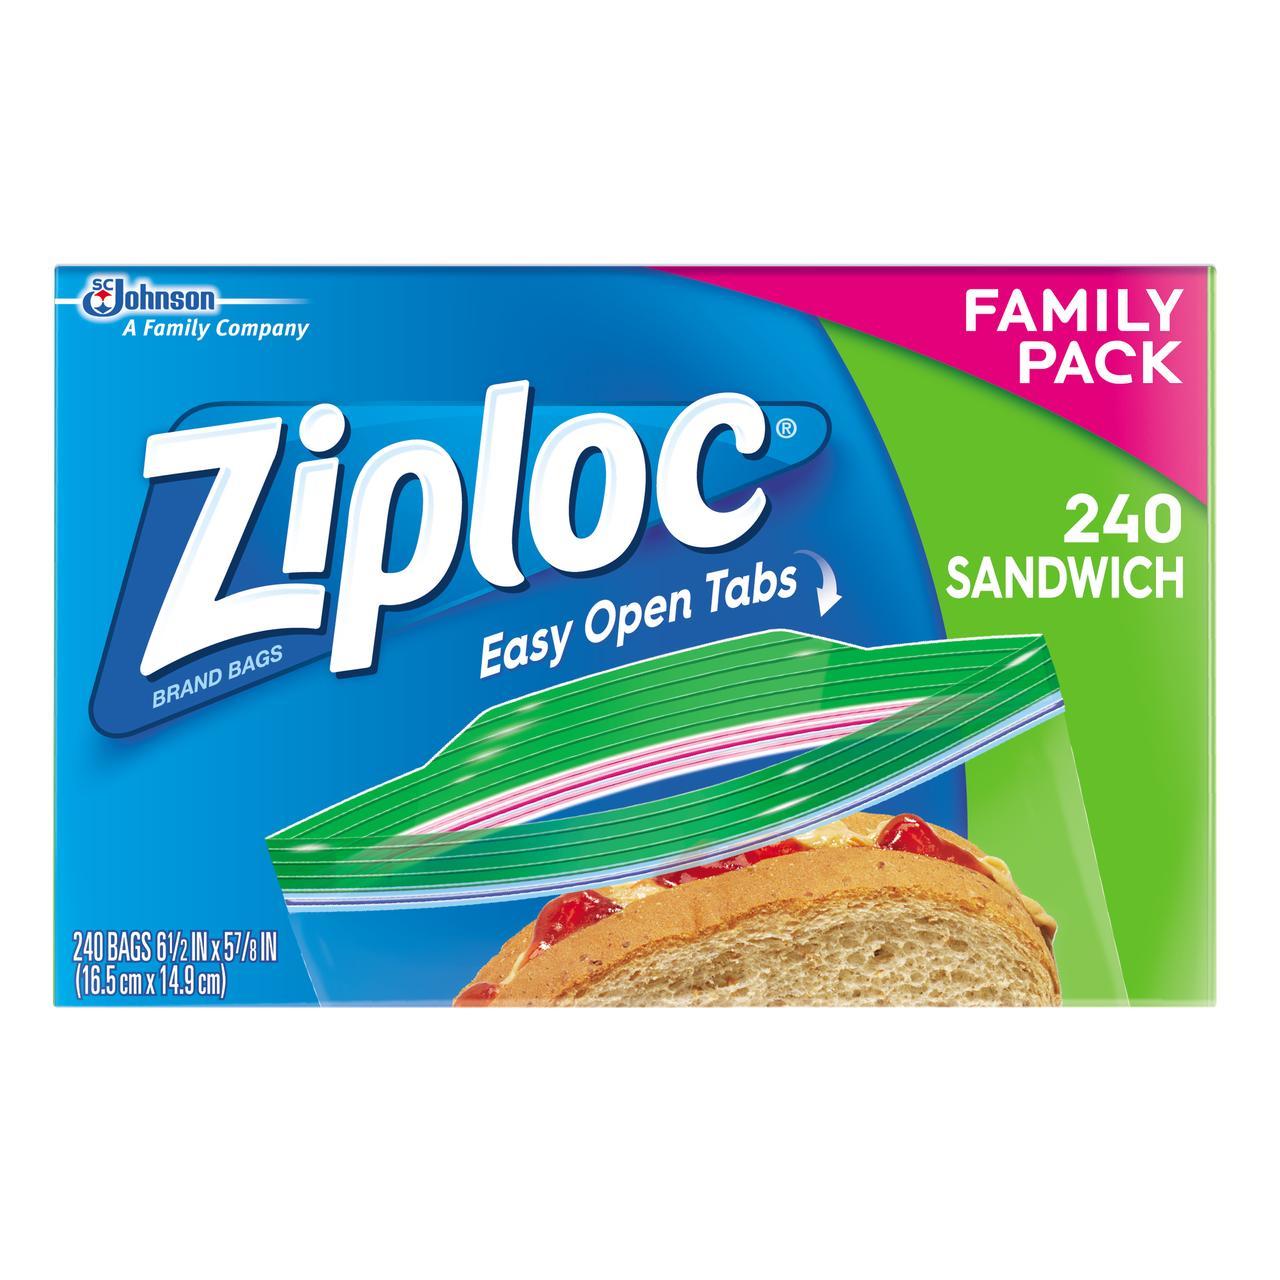 Ziploc Sandwich Bags 240 count